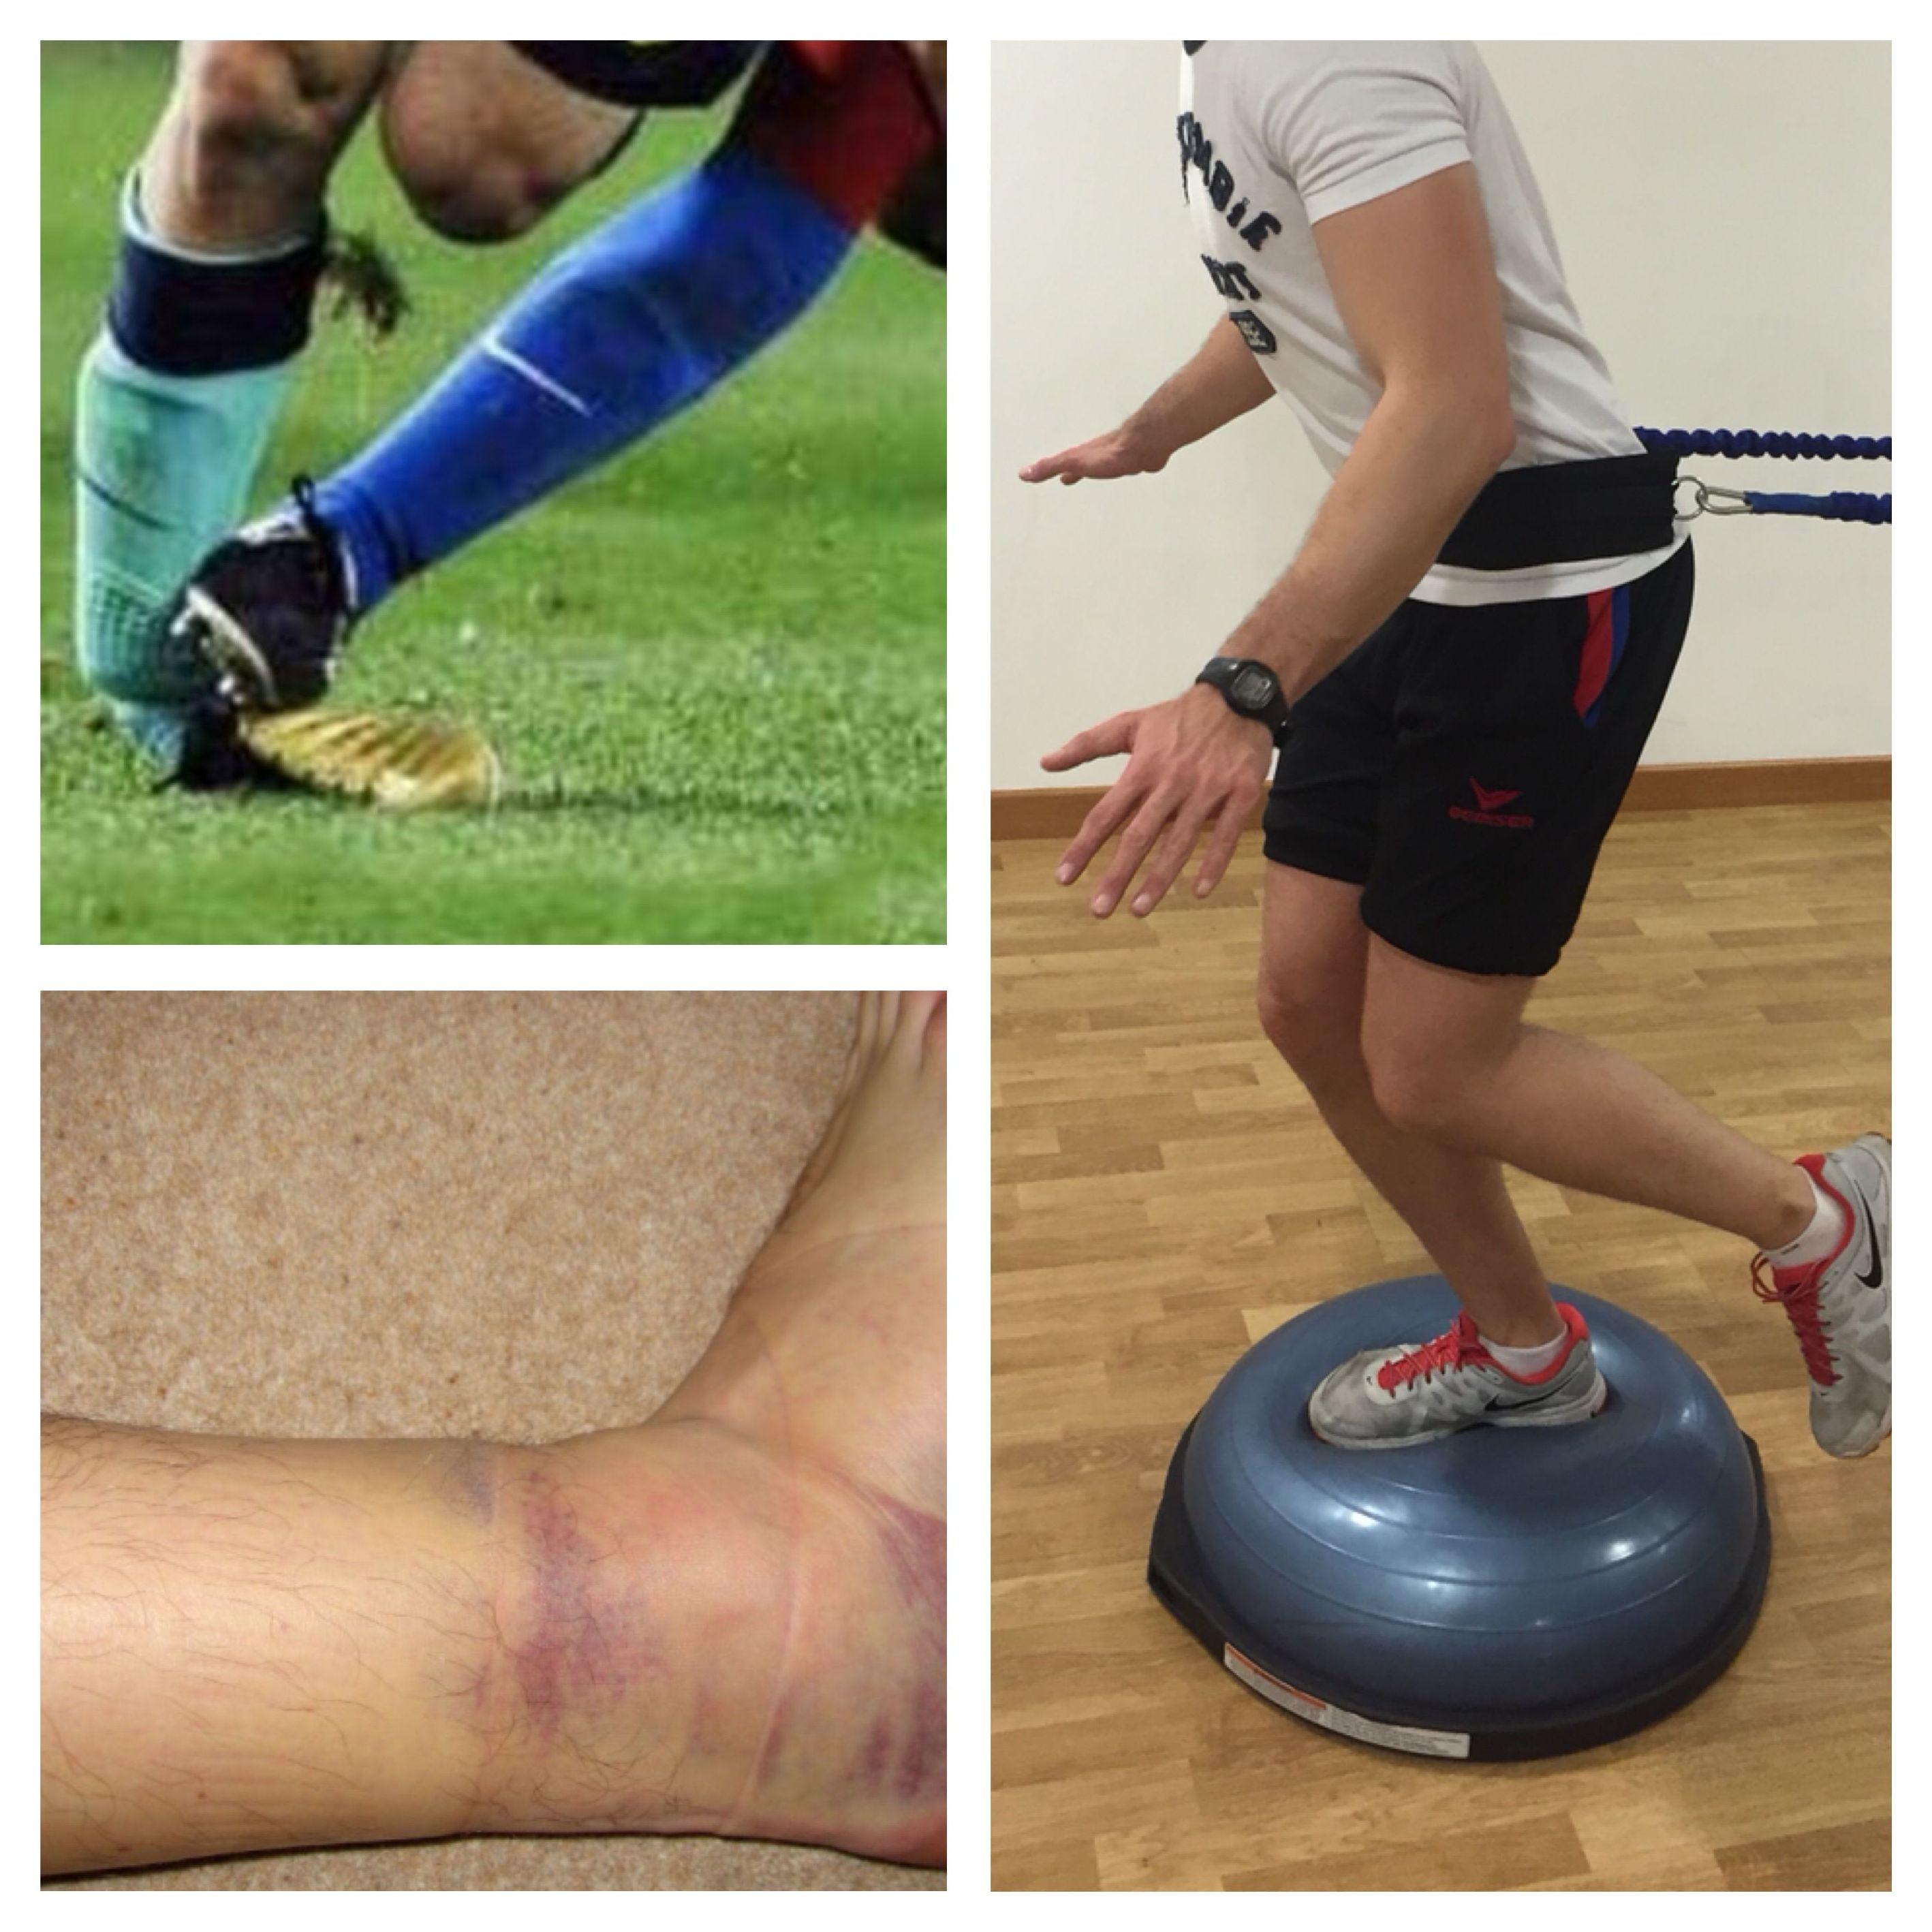 Tratamiento de esguince de tobillo: Especialidades de Clínica Fisioterapia Maccari Sport